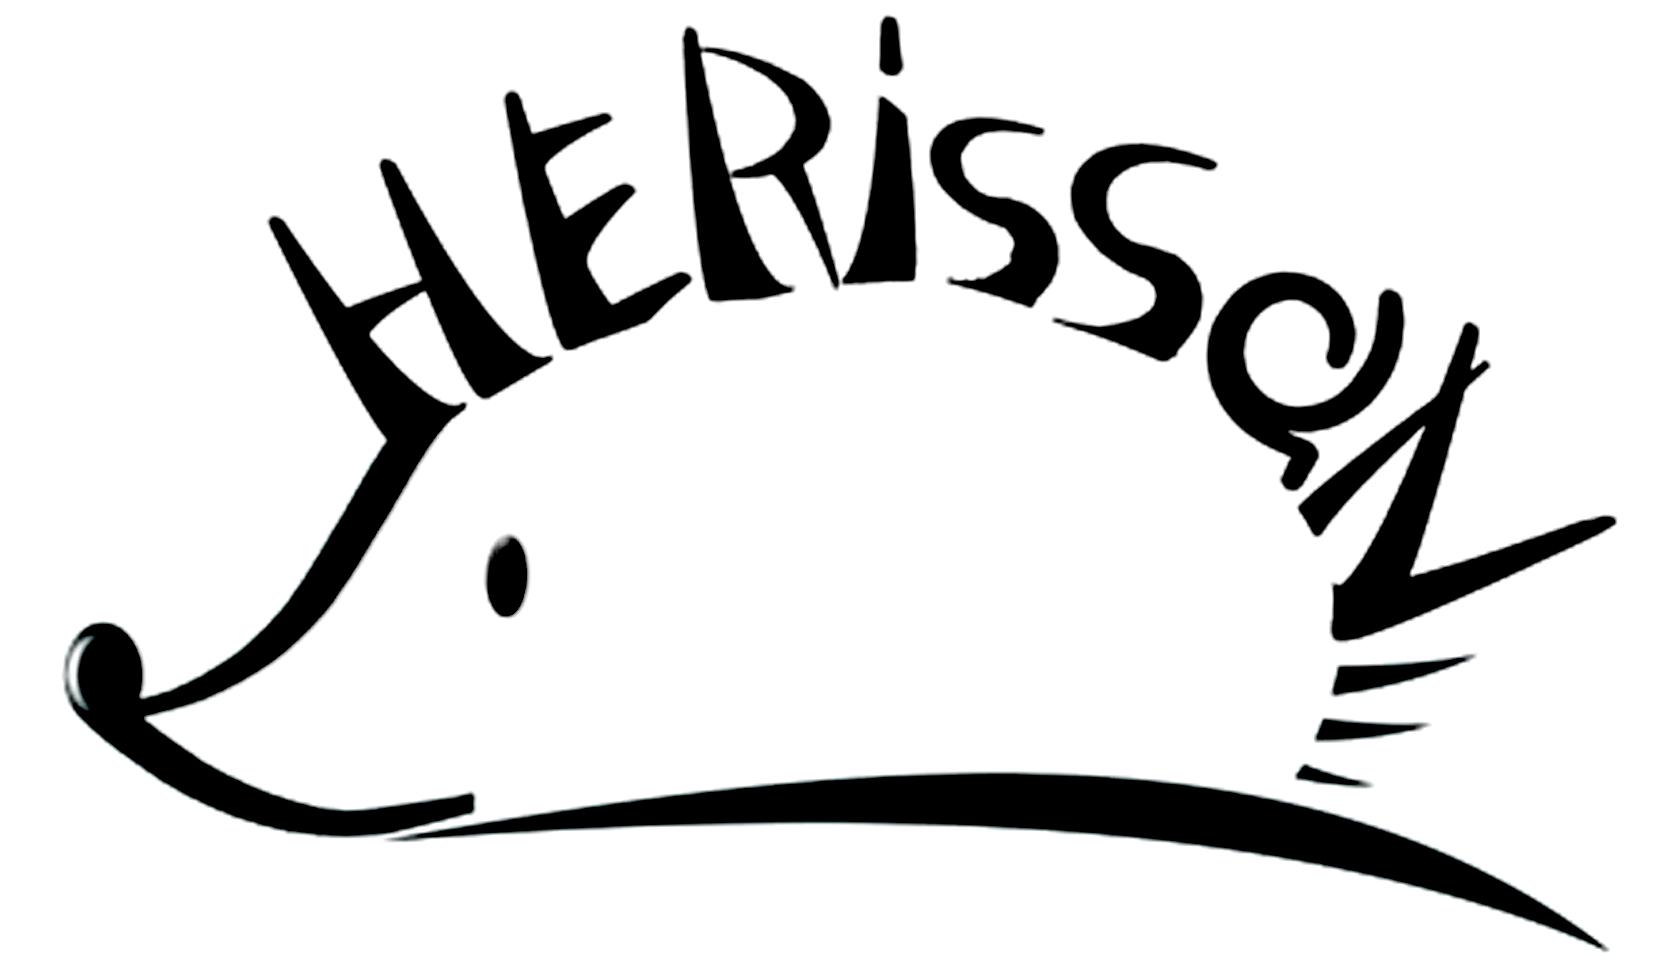 Hérisson Productions